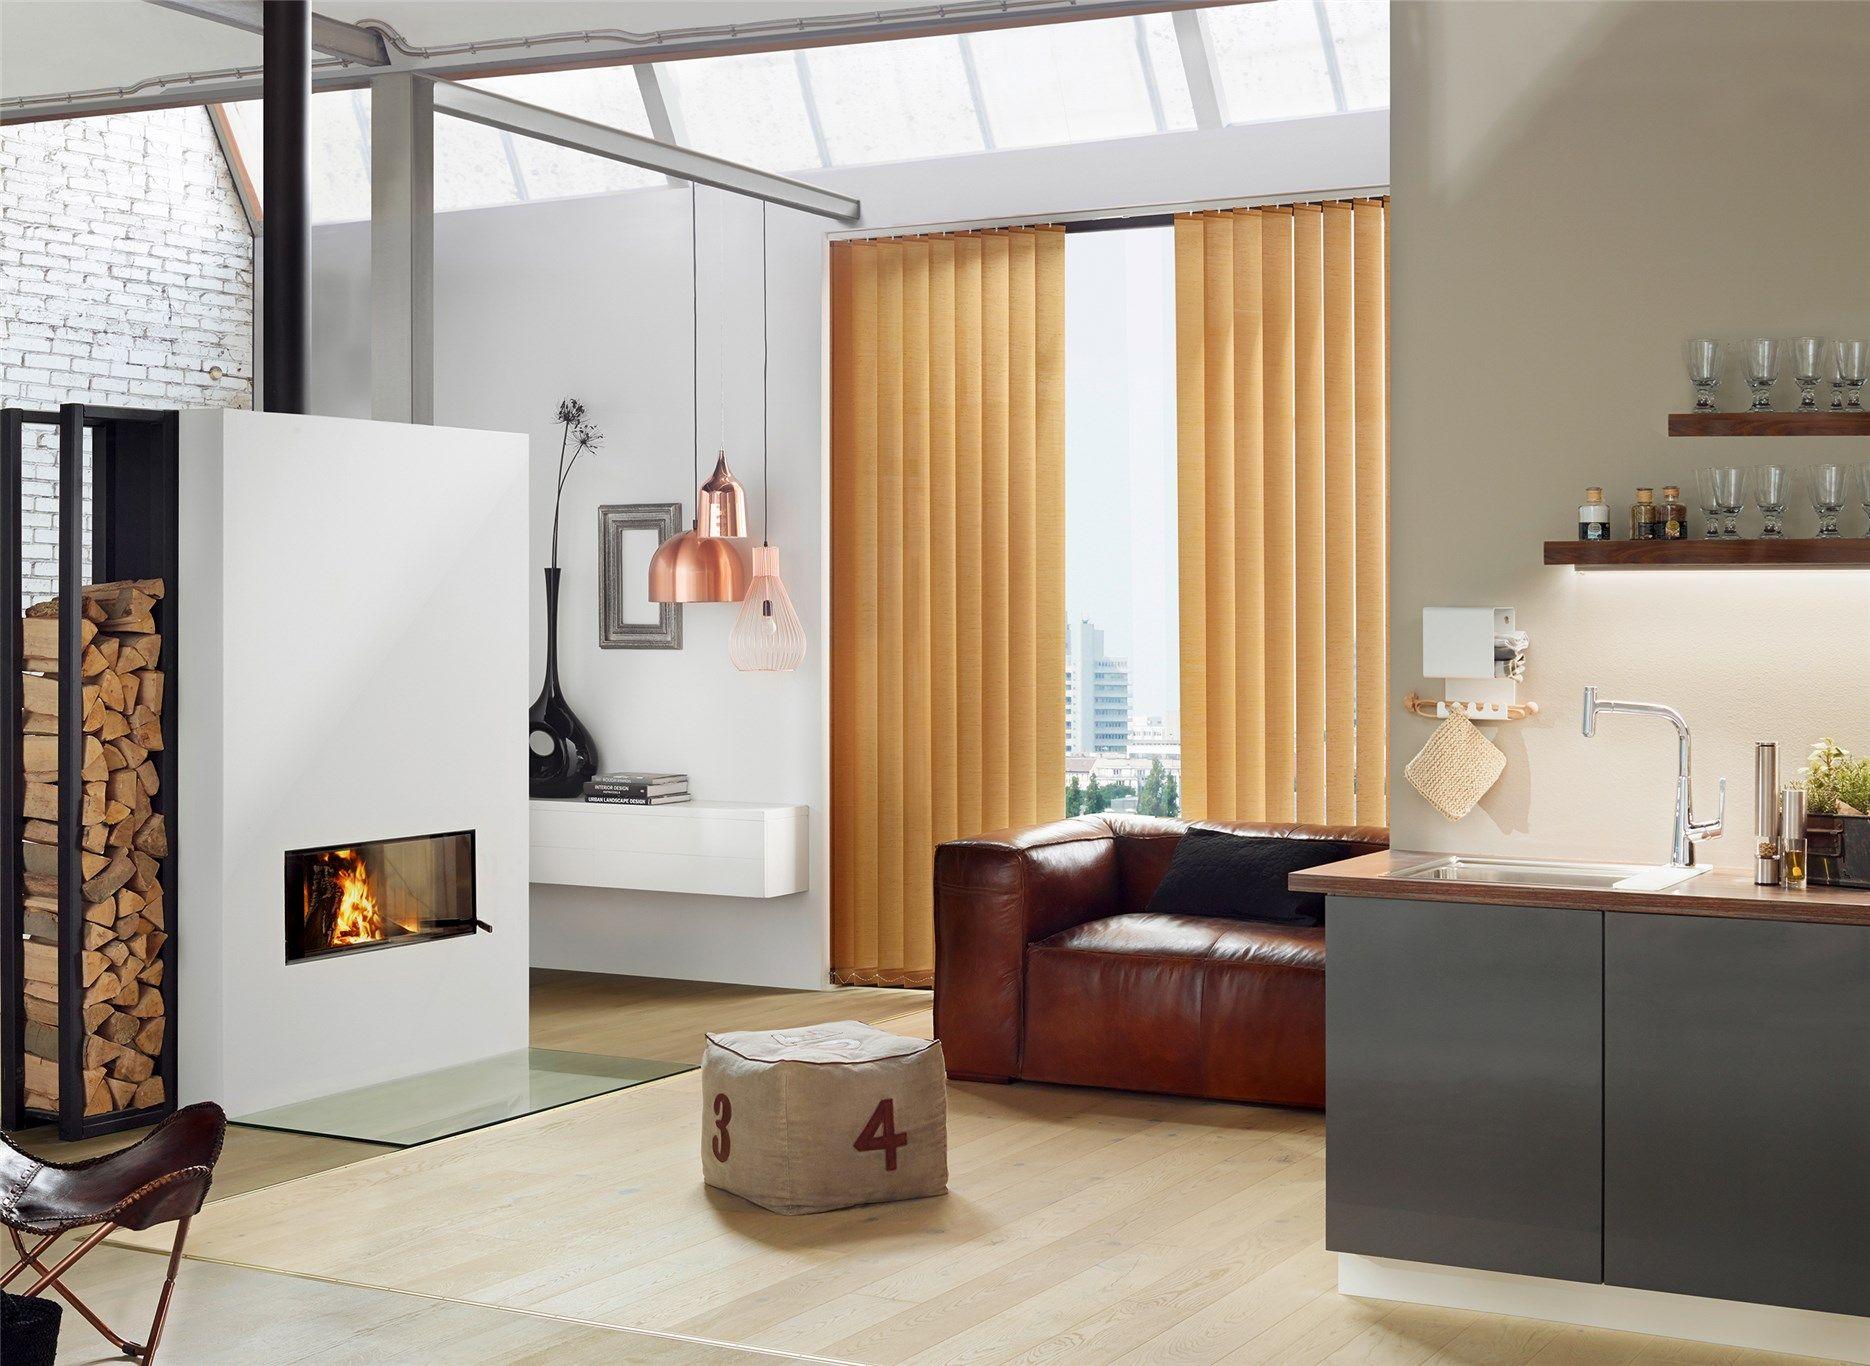 wohnzimmer im loft stil mit lamellenvorhngen von erfal - Loft Stil